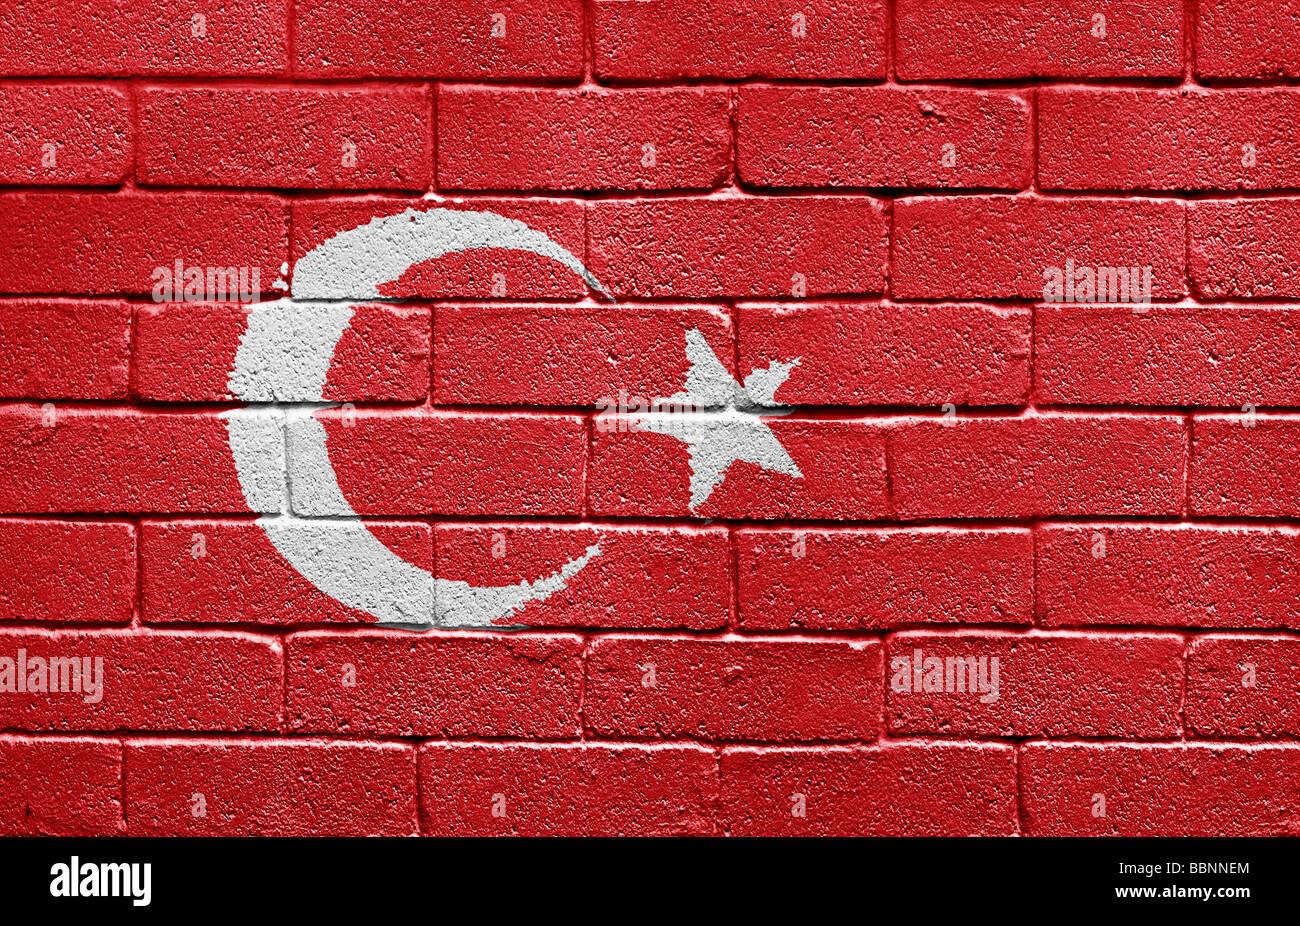 Flag of Turkey - Stock Image